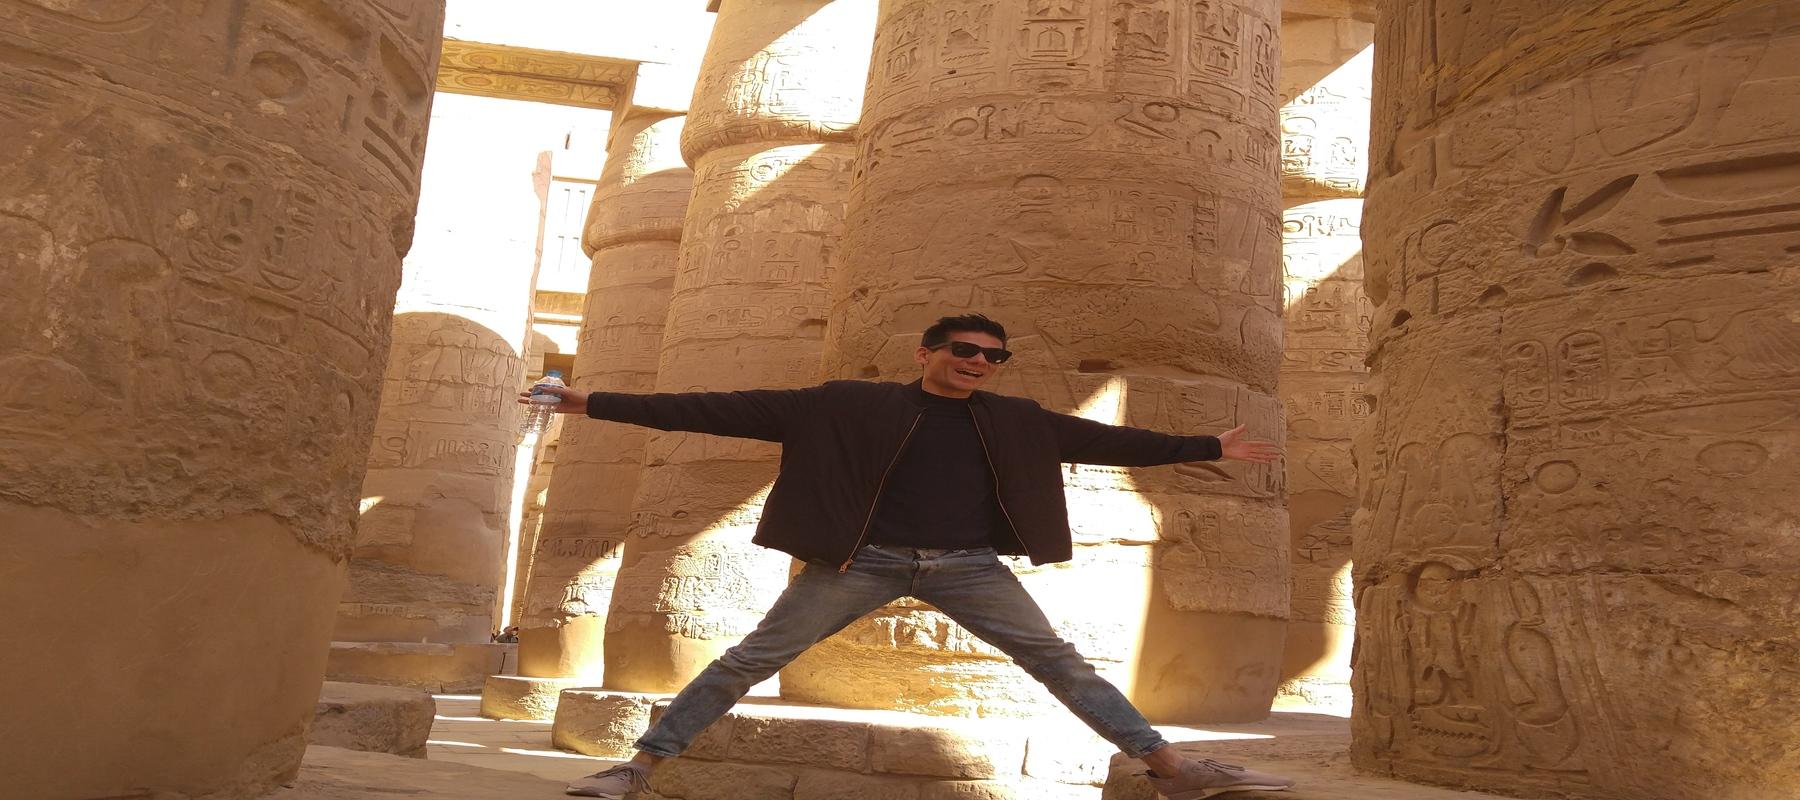 Luxor Day Tour,essential egypt tours , trip to egypt, culture egypt tours